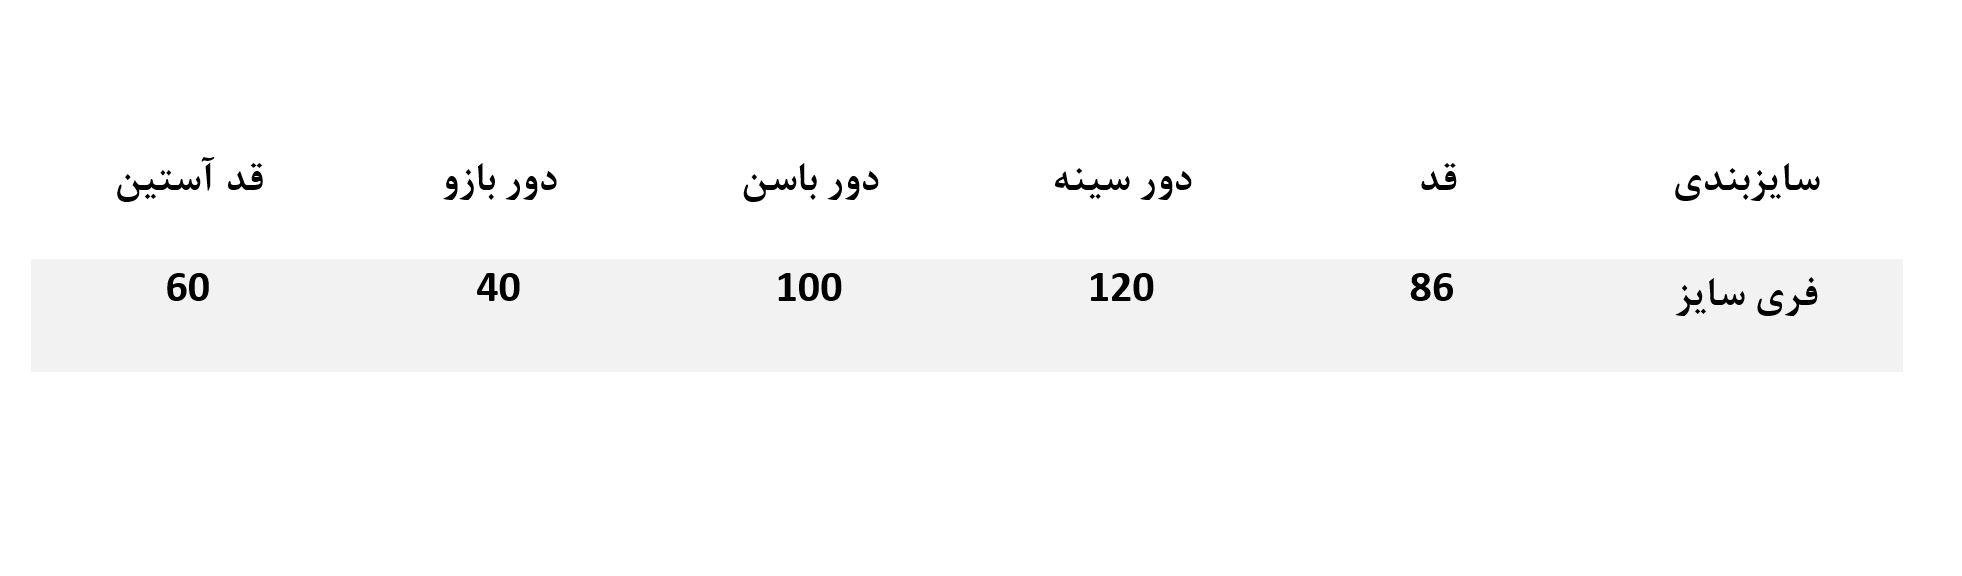 جدول راهنمای سایز مانتو فری سایز